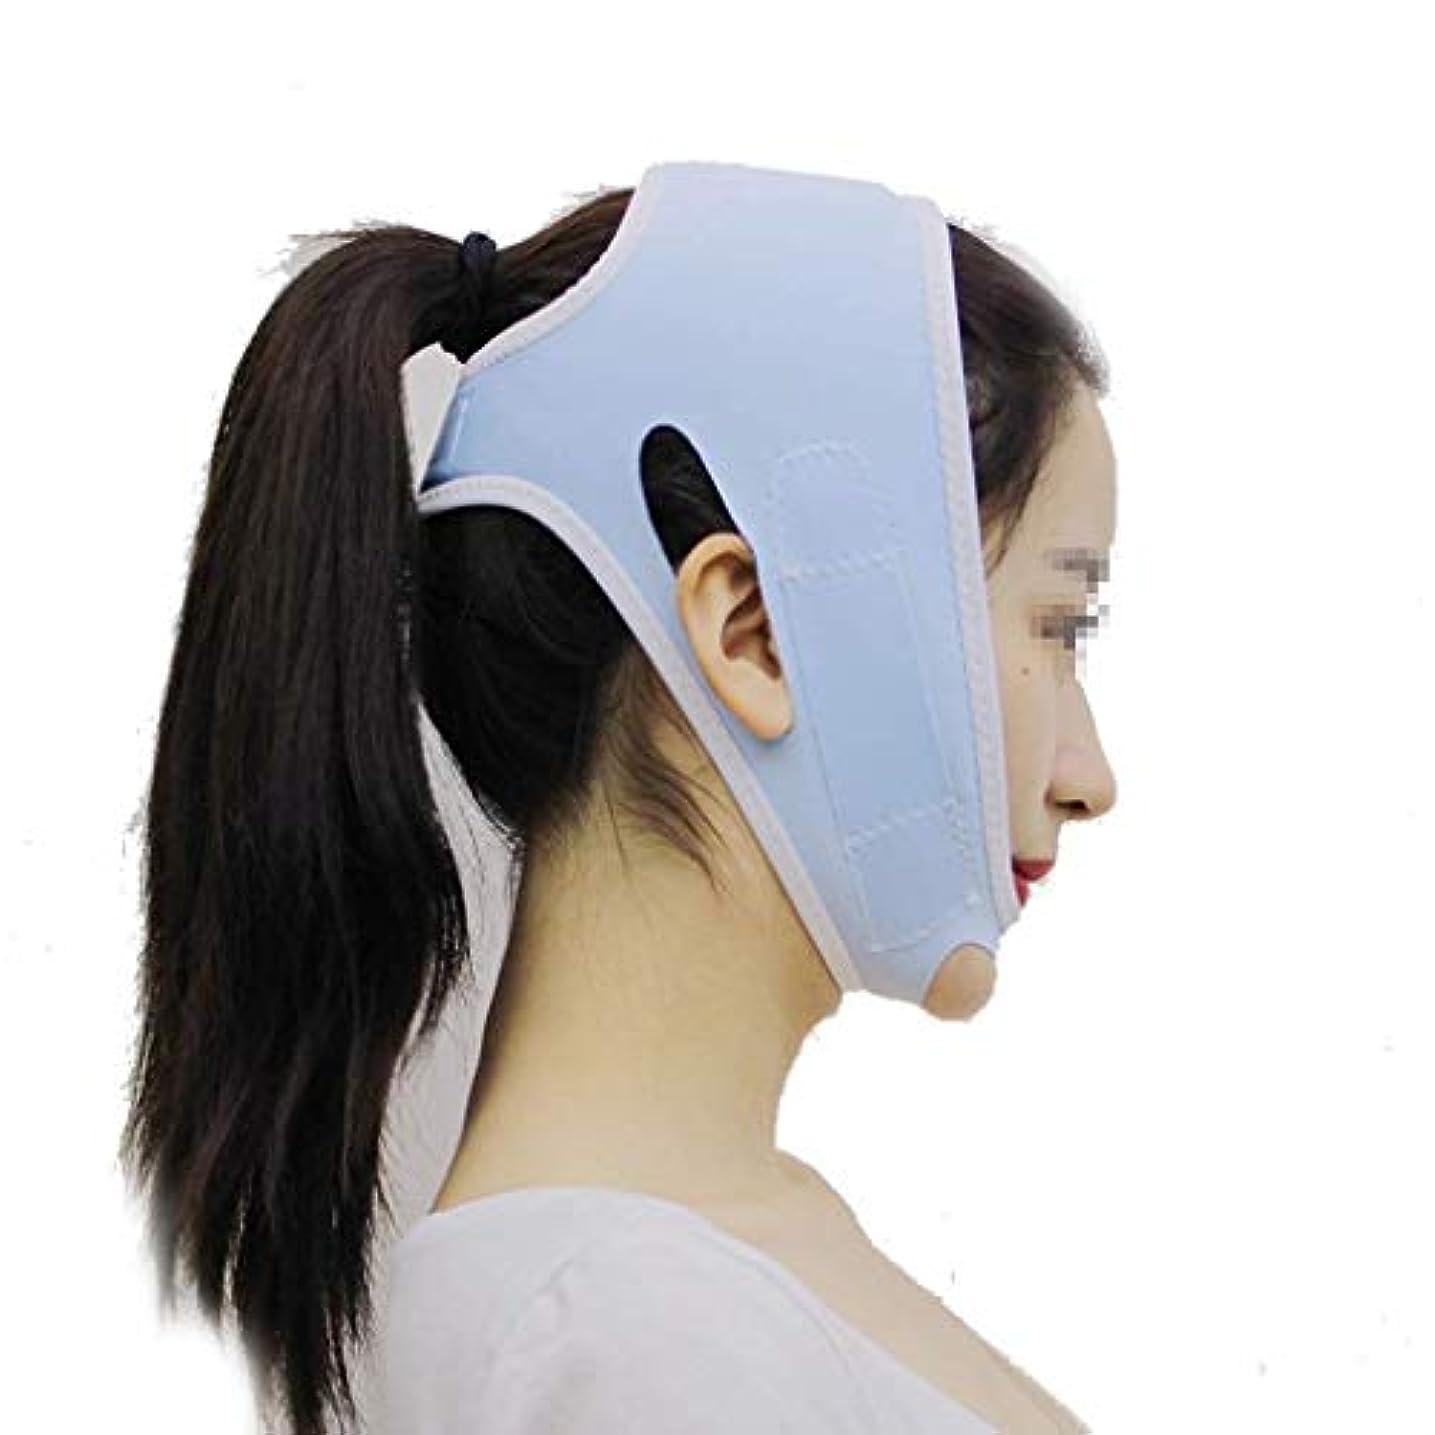 ボンド交換取得するHUYYA フェイスリフティング包帯、女性の顔を持ち上げるベルト しわ防止包帯 Vライン頬 二重あごの減量顔,Blue_Large